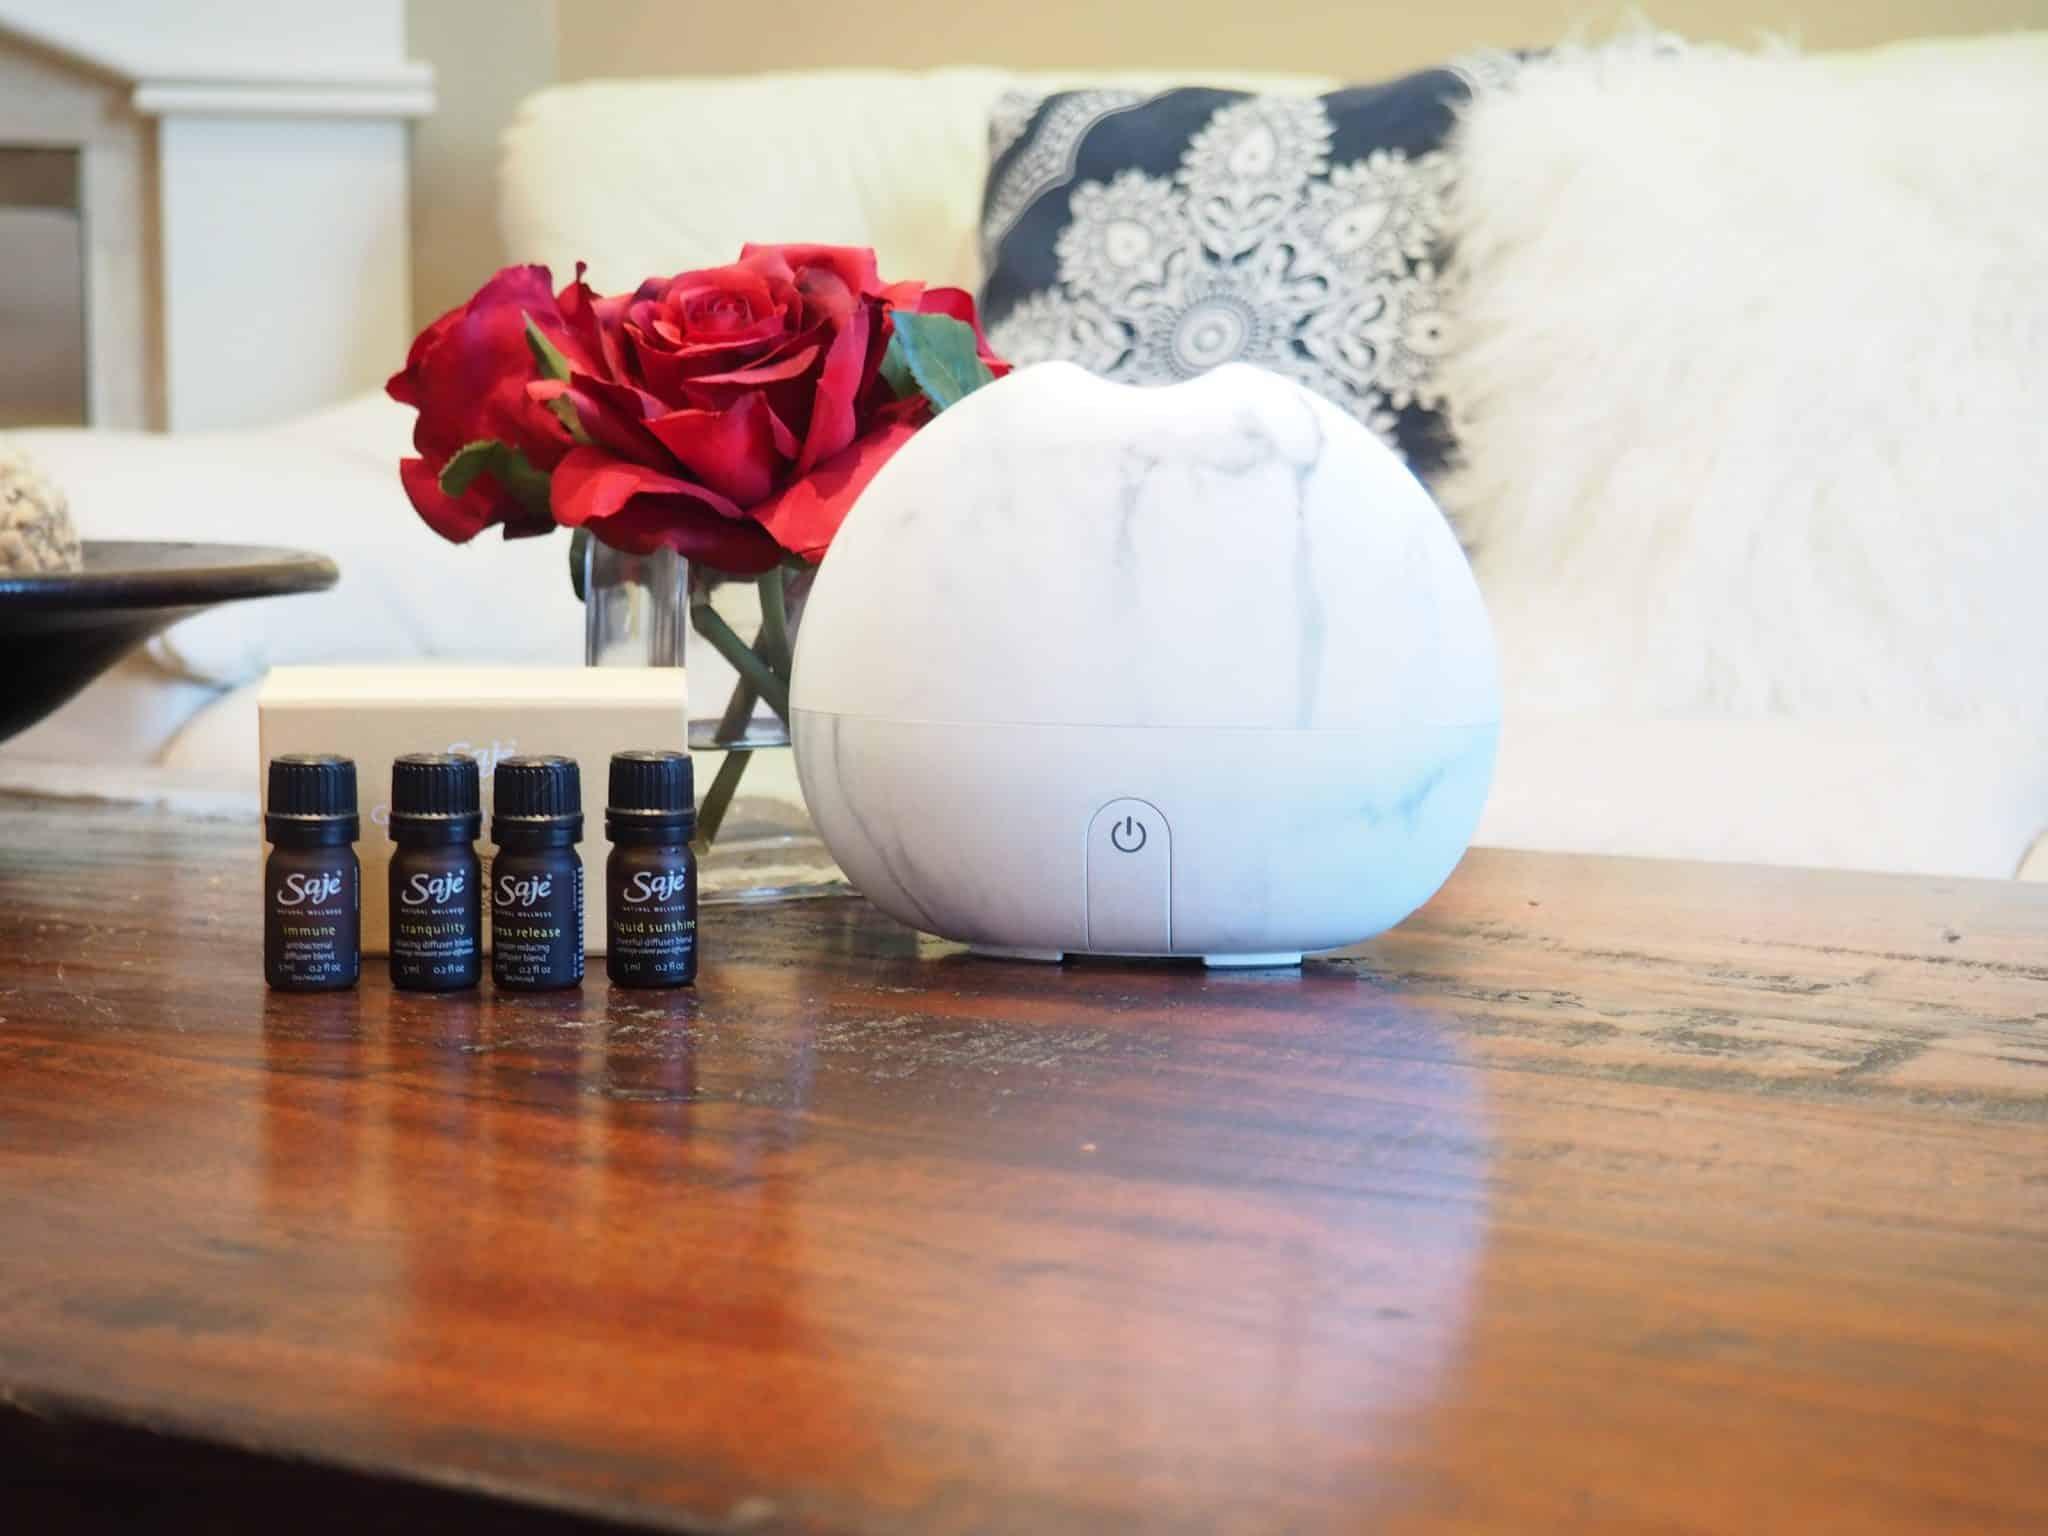 Saje Wellness Essential Oils Saje Essential oils Saje diffuser diffuser saje saje natural wellness saje essential oil saje essential oils saje oils saje diffuser oils best diffuser diffuser essential oils